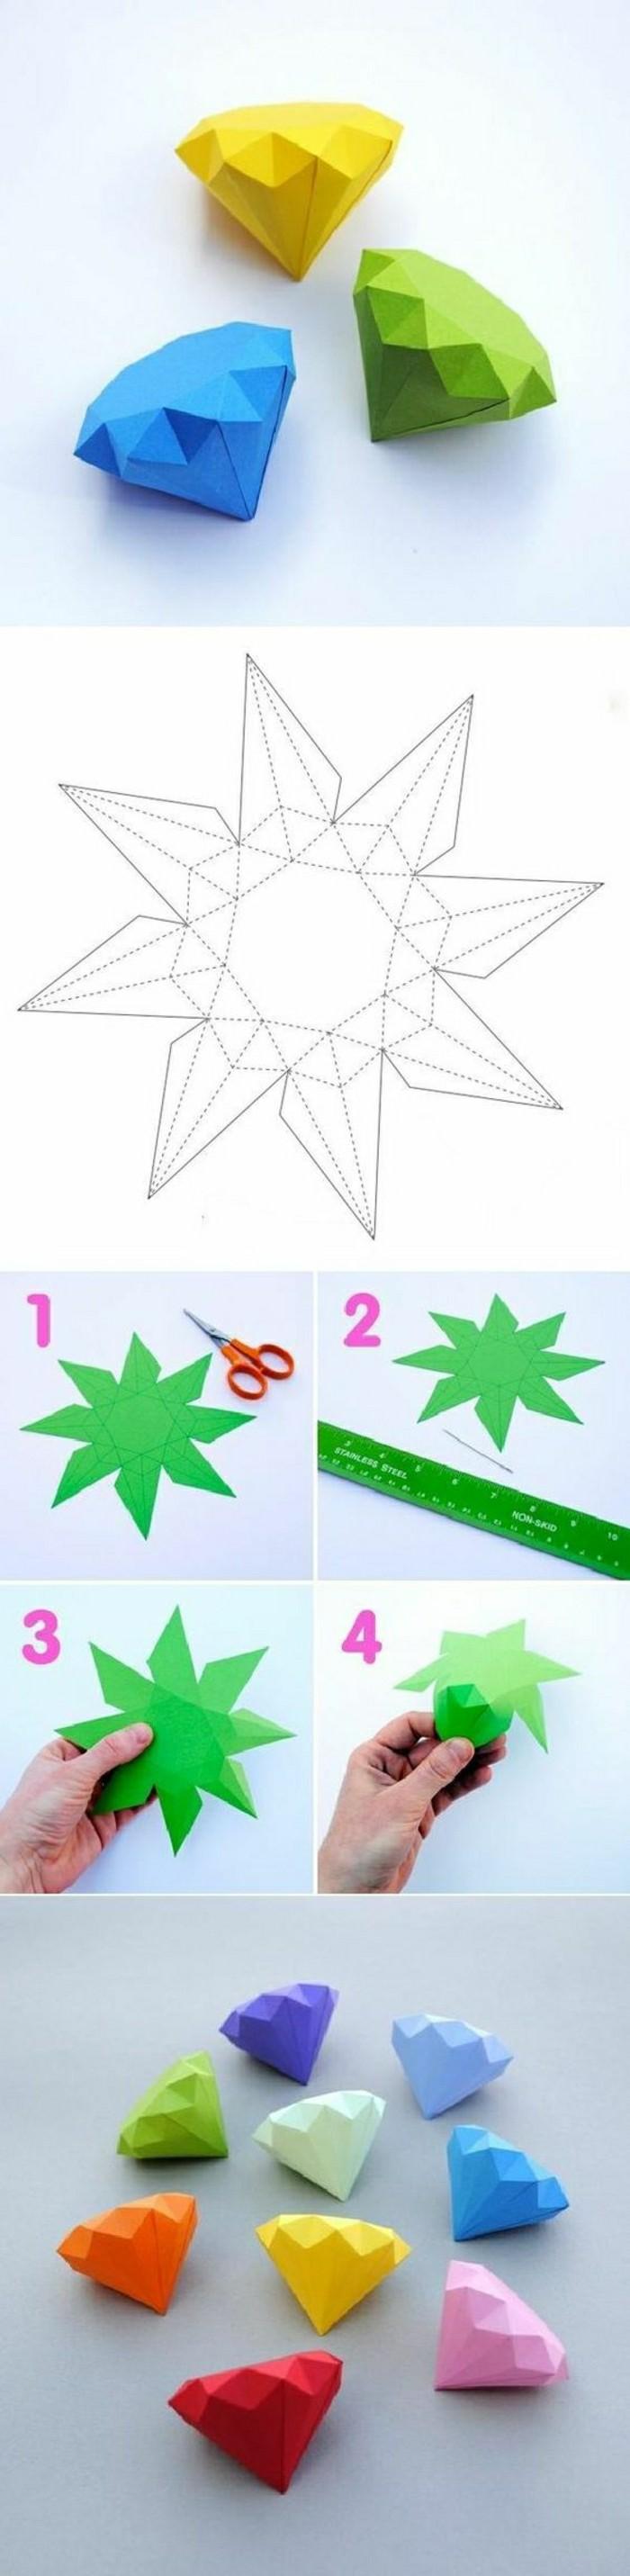 0-comment-faire-un-origamie-facile-modele-origami-facile-en-papier-coloré